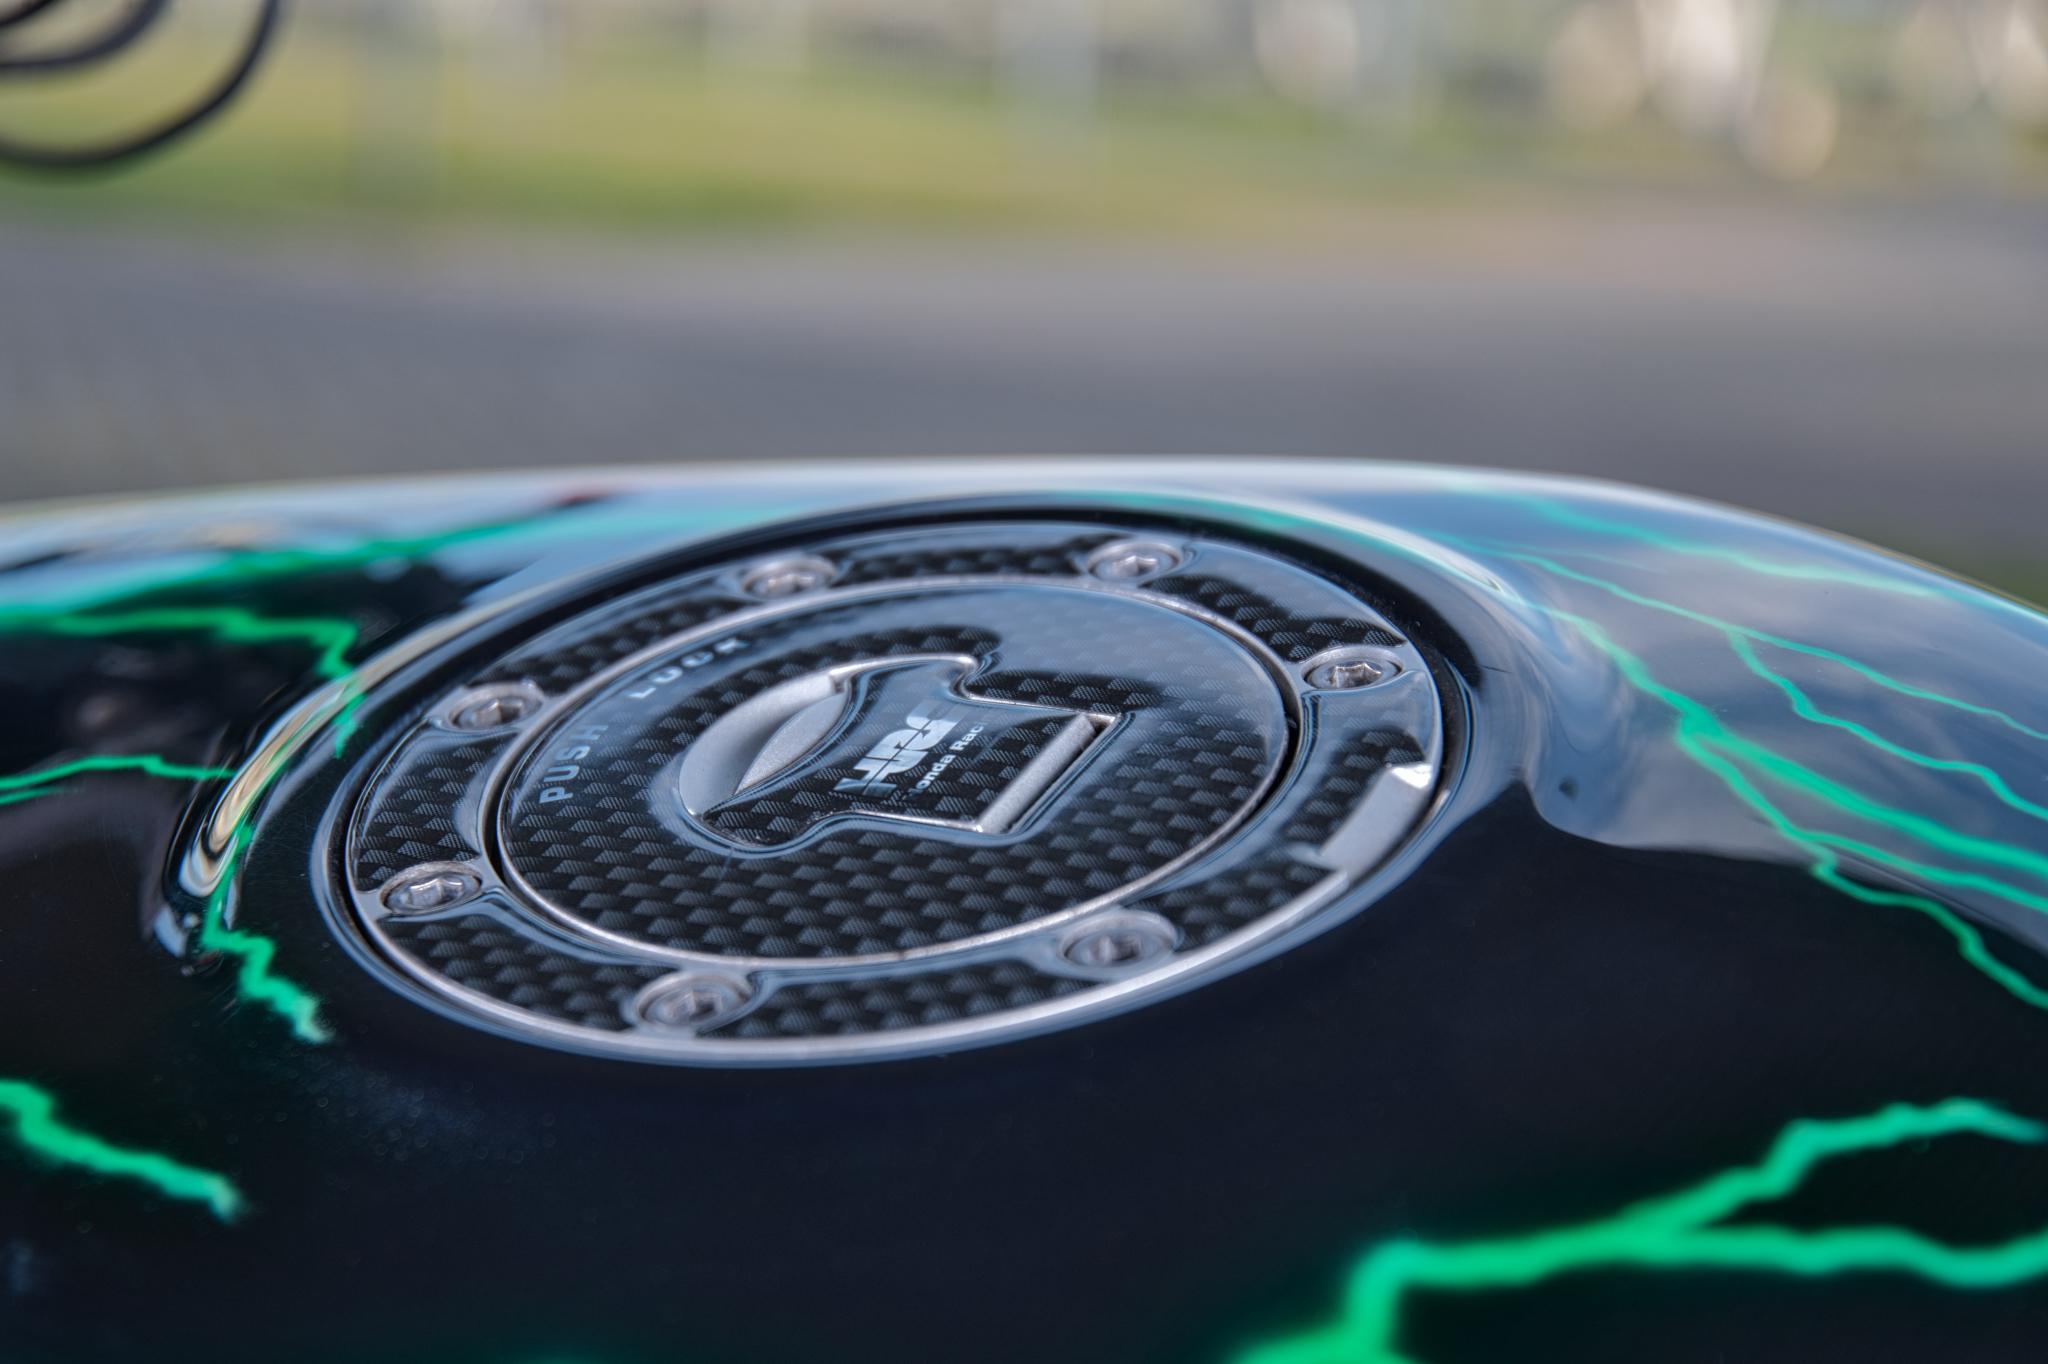 Tankdeckel einer mit Blitzen lackierten Honda CB 500 (Airbrush)